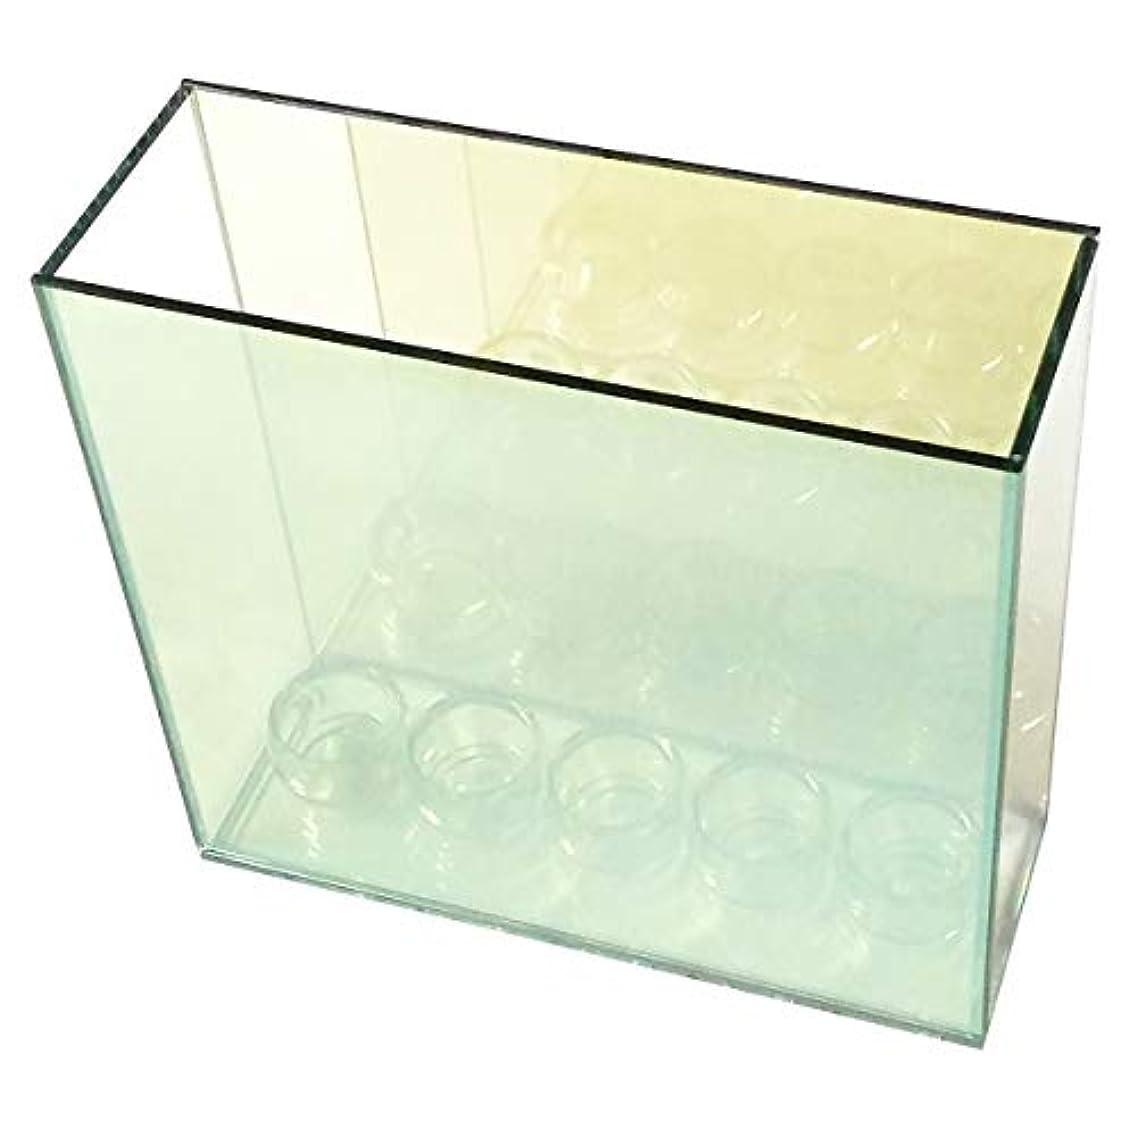 ルビーましい被る無限連鎖キャンドルホルダー 5連 ガラス キャンドルスタンド ランタン ティーライトキャンドル